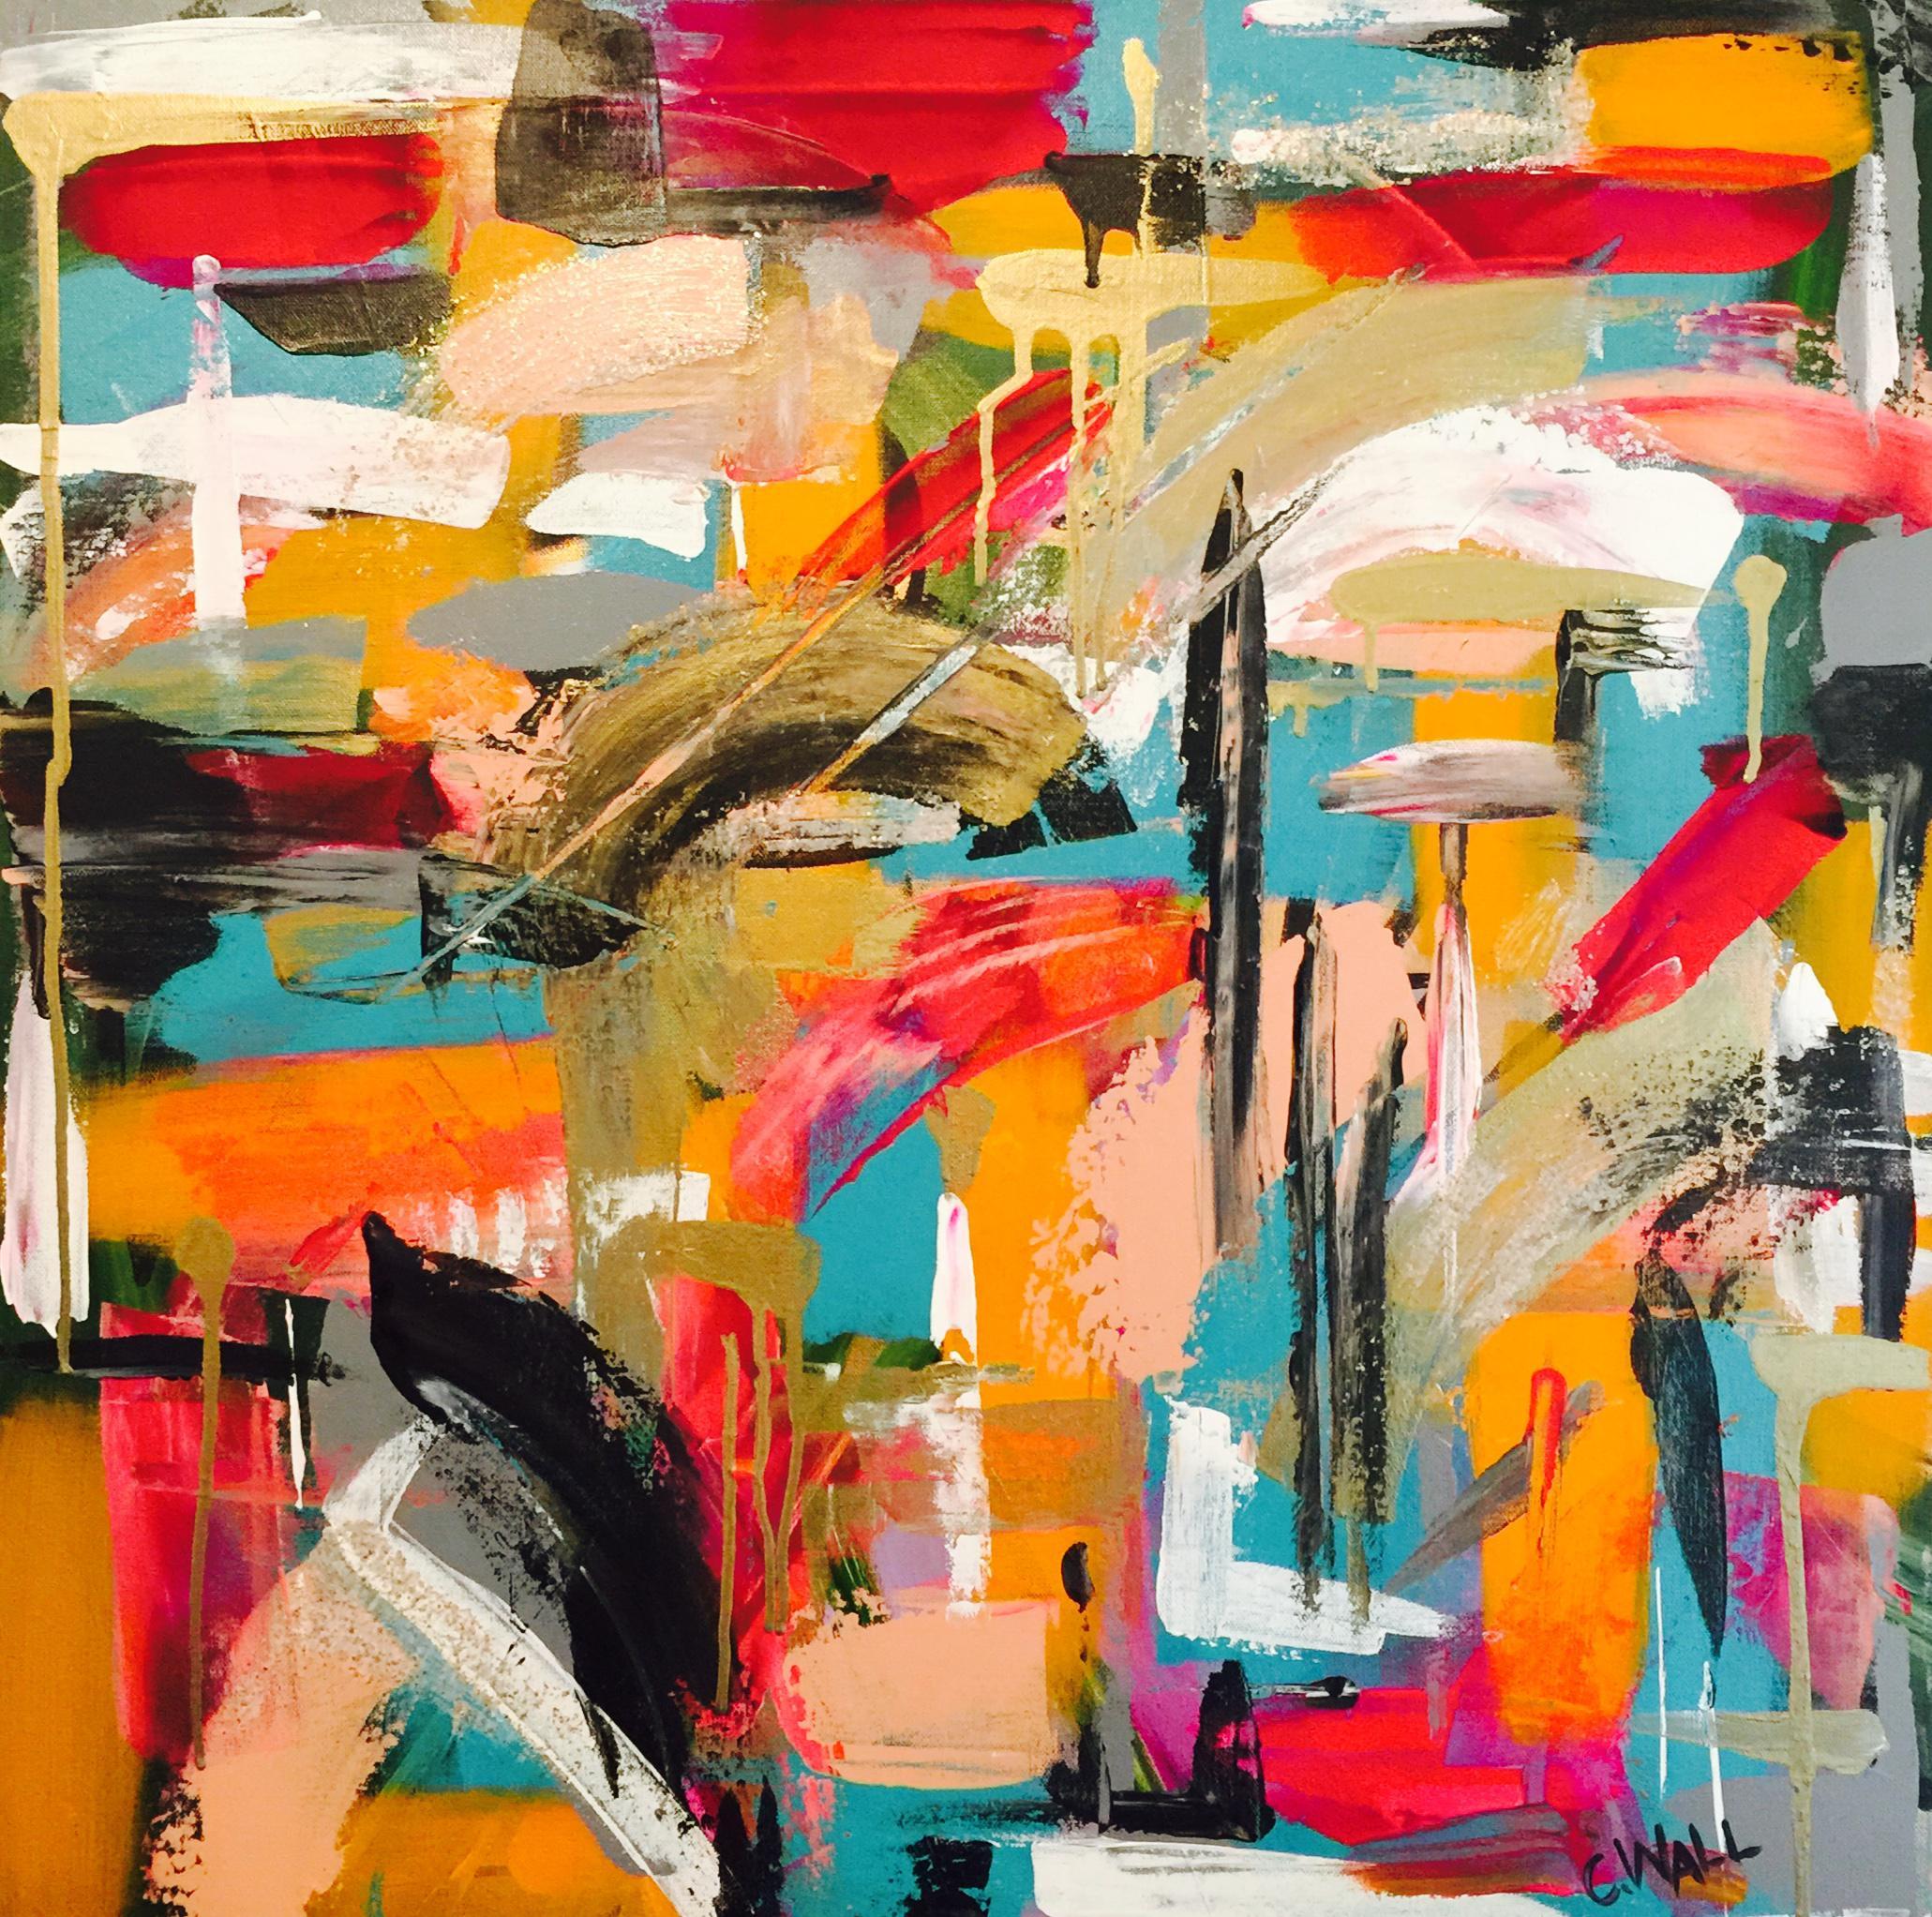 Abstract sadness